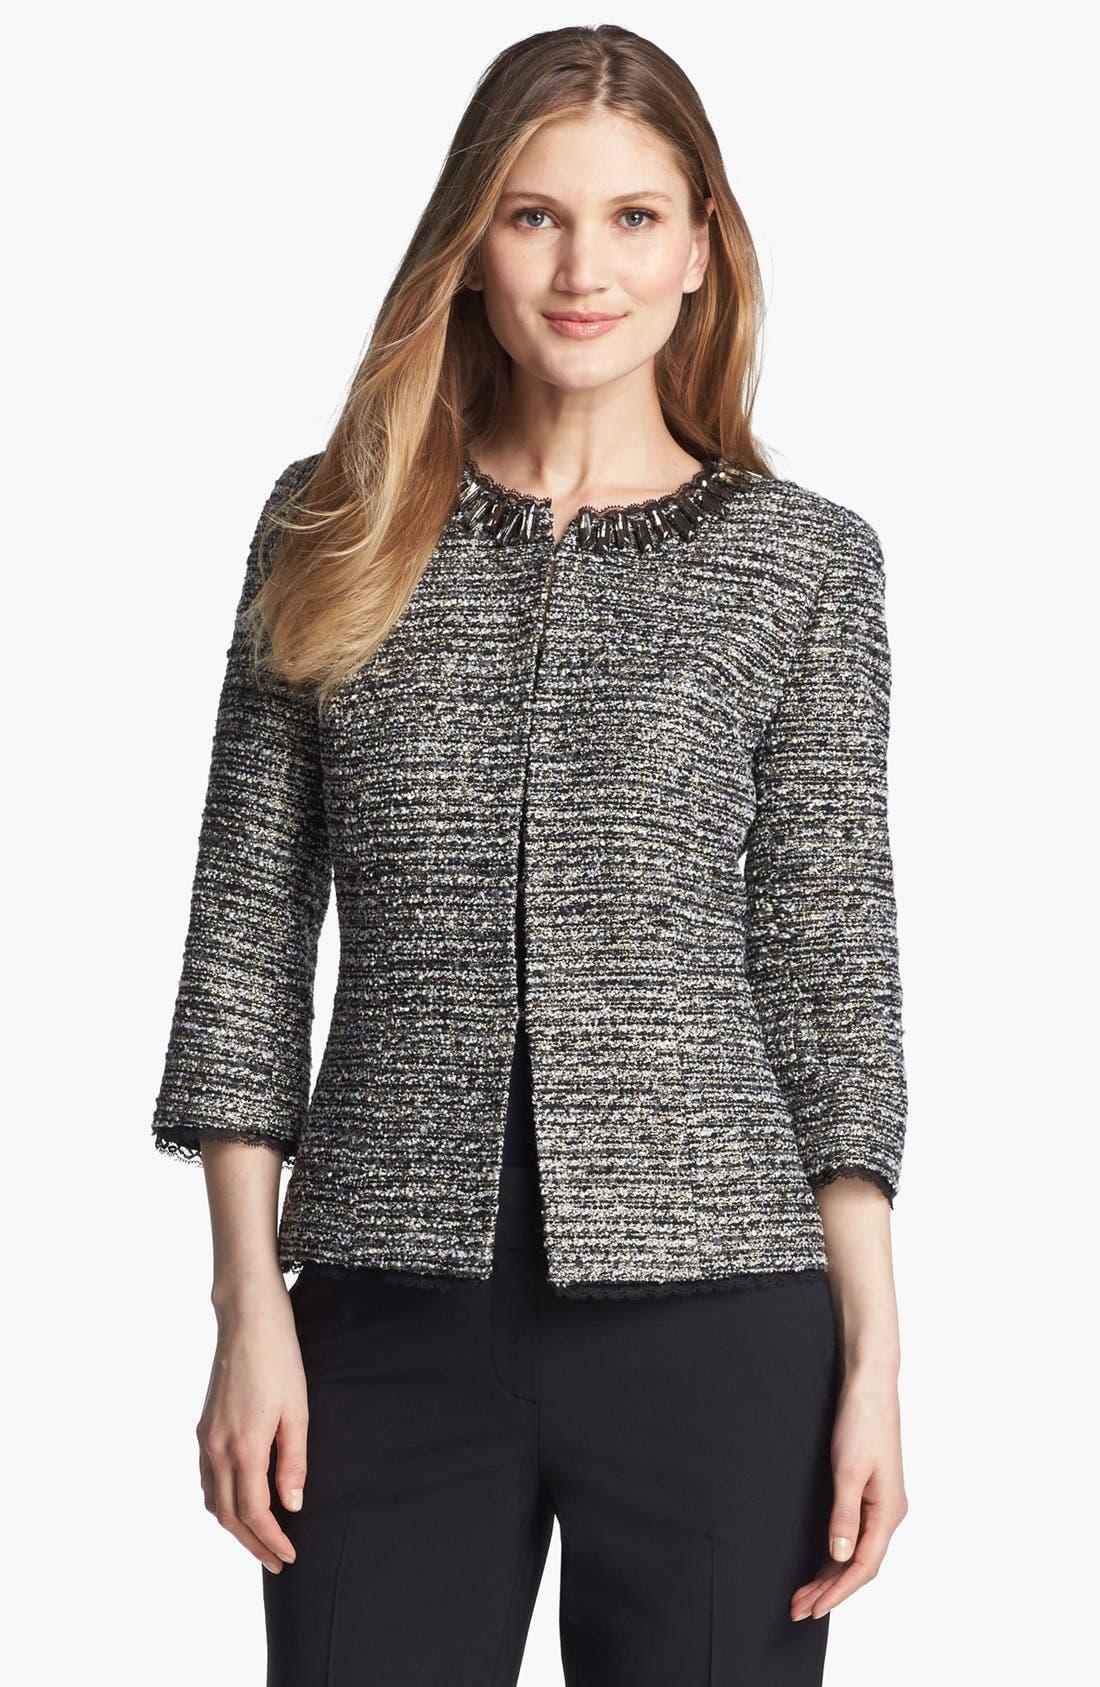 Alternate Image 1 Selected - Classiques Entier® 'Lavish Bouclé' Embellished Jacket